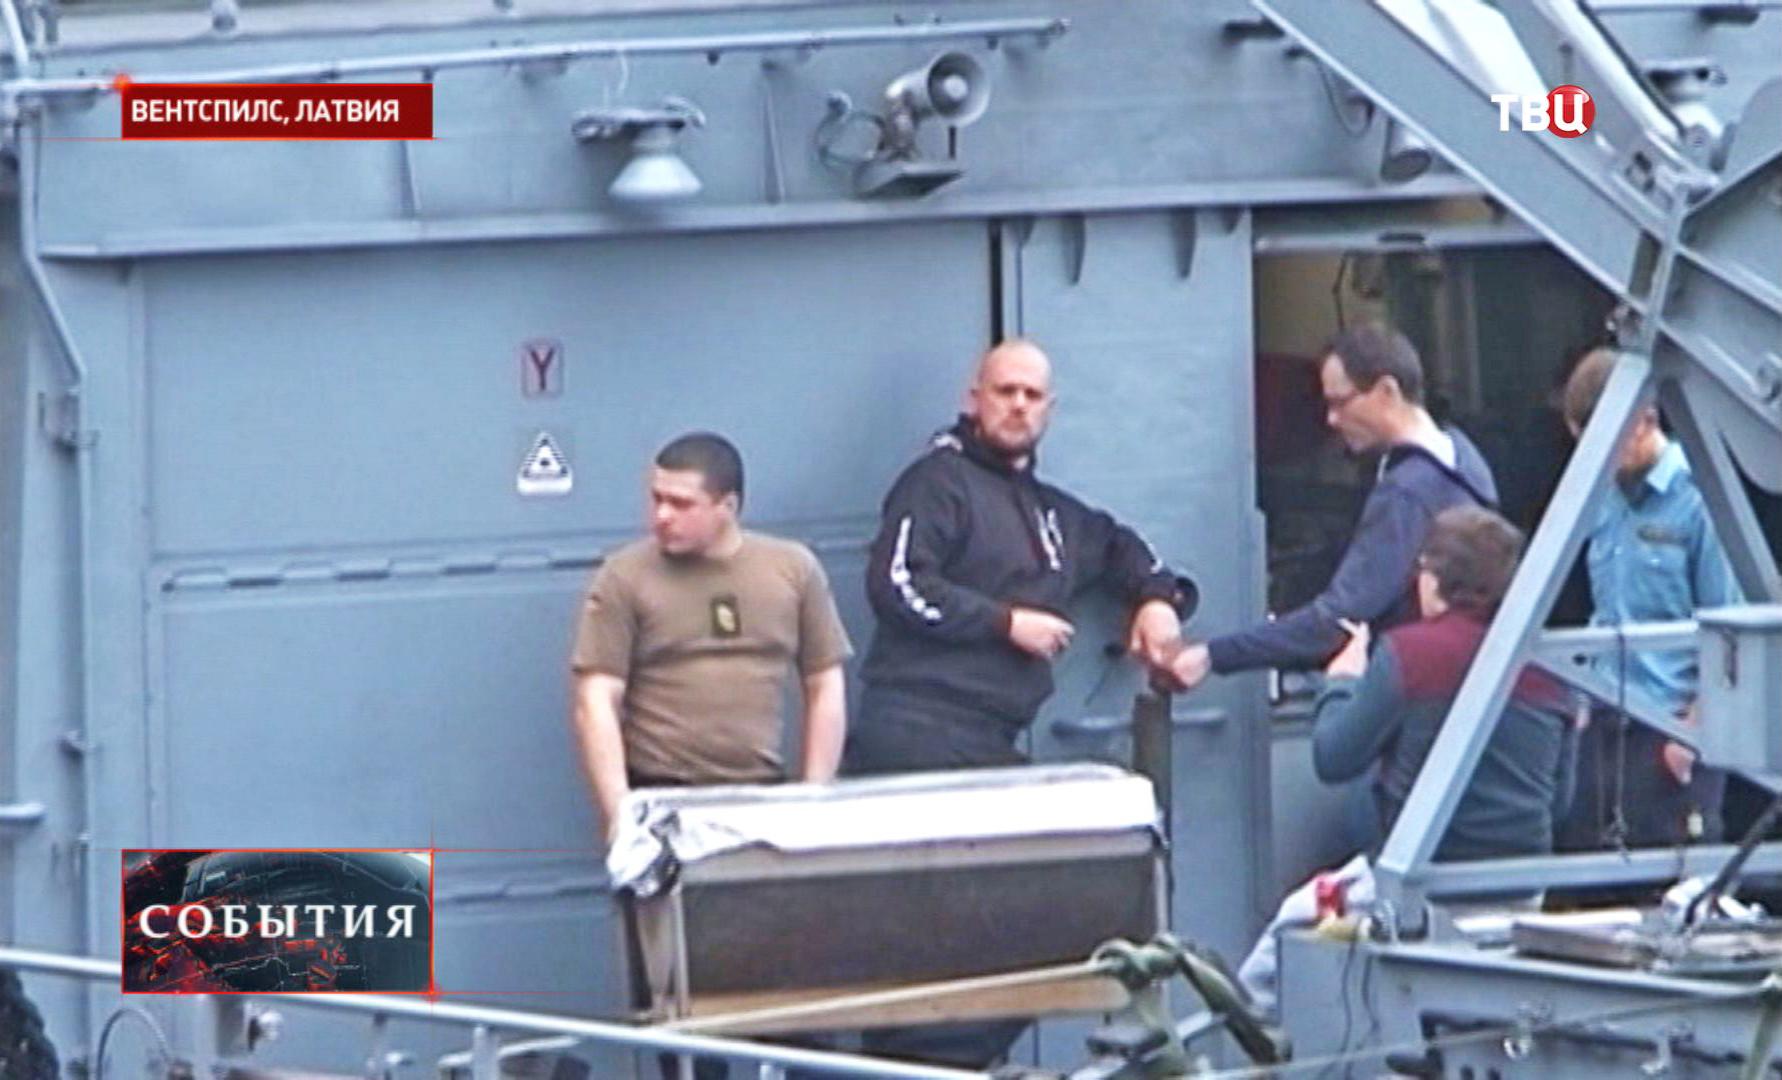 Моряки НАТО в Латвии